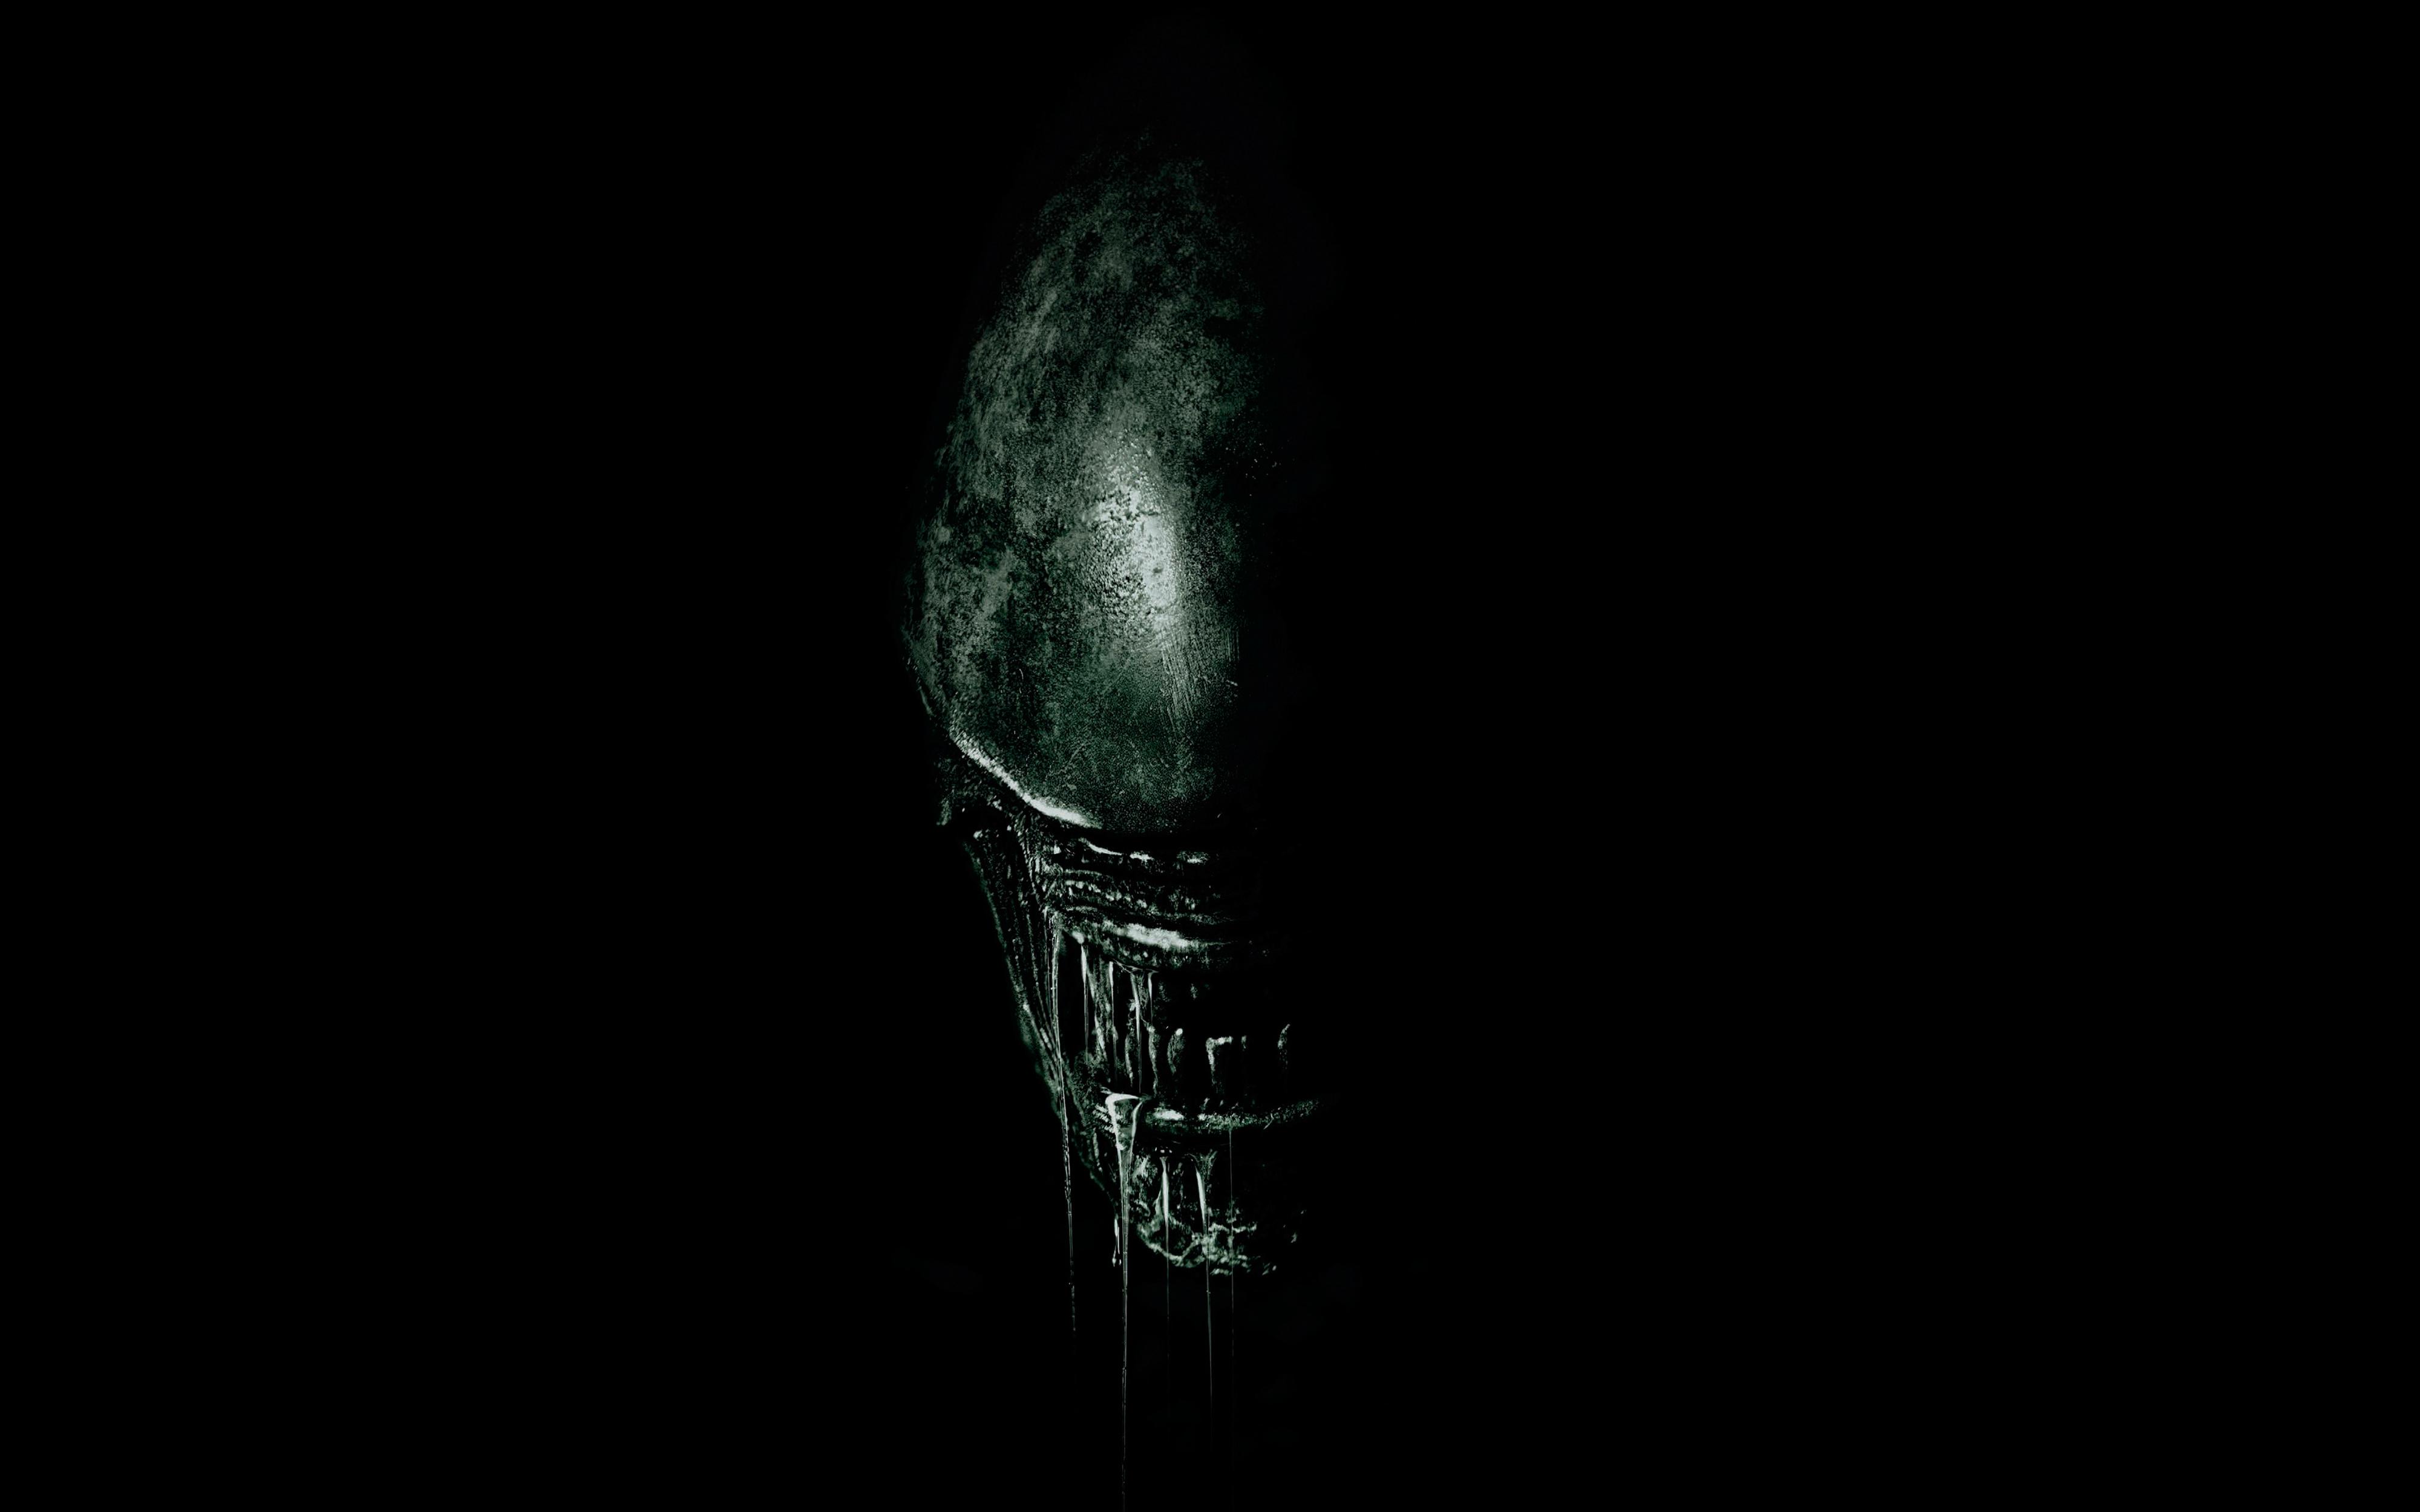 Alien covenant 4k. обои скачать